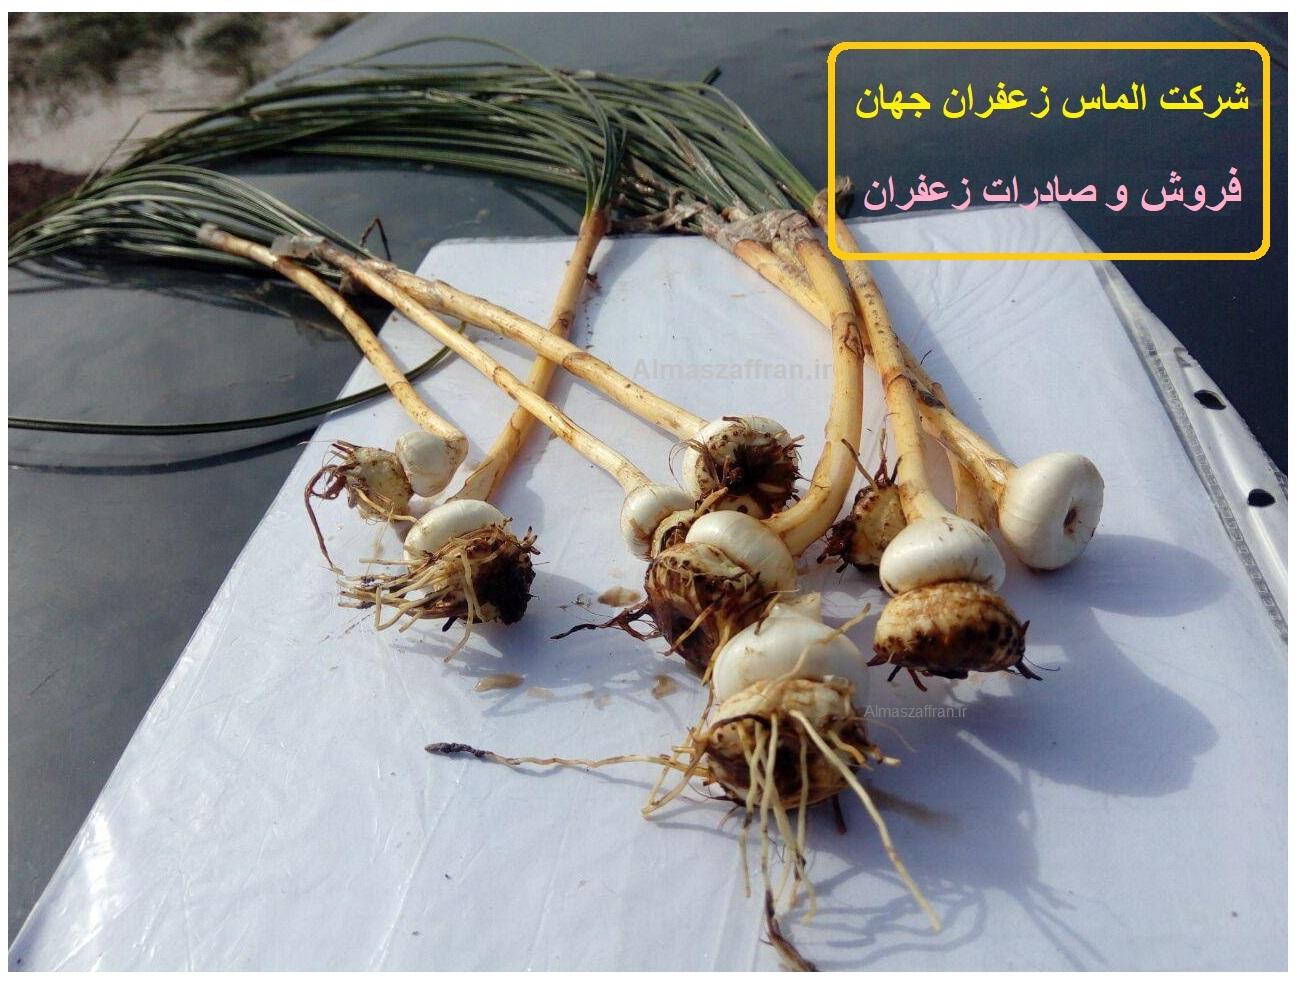 کاشت زعفران - تولید زعفران صادراتی - قیمت زعفران